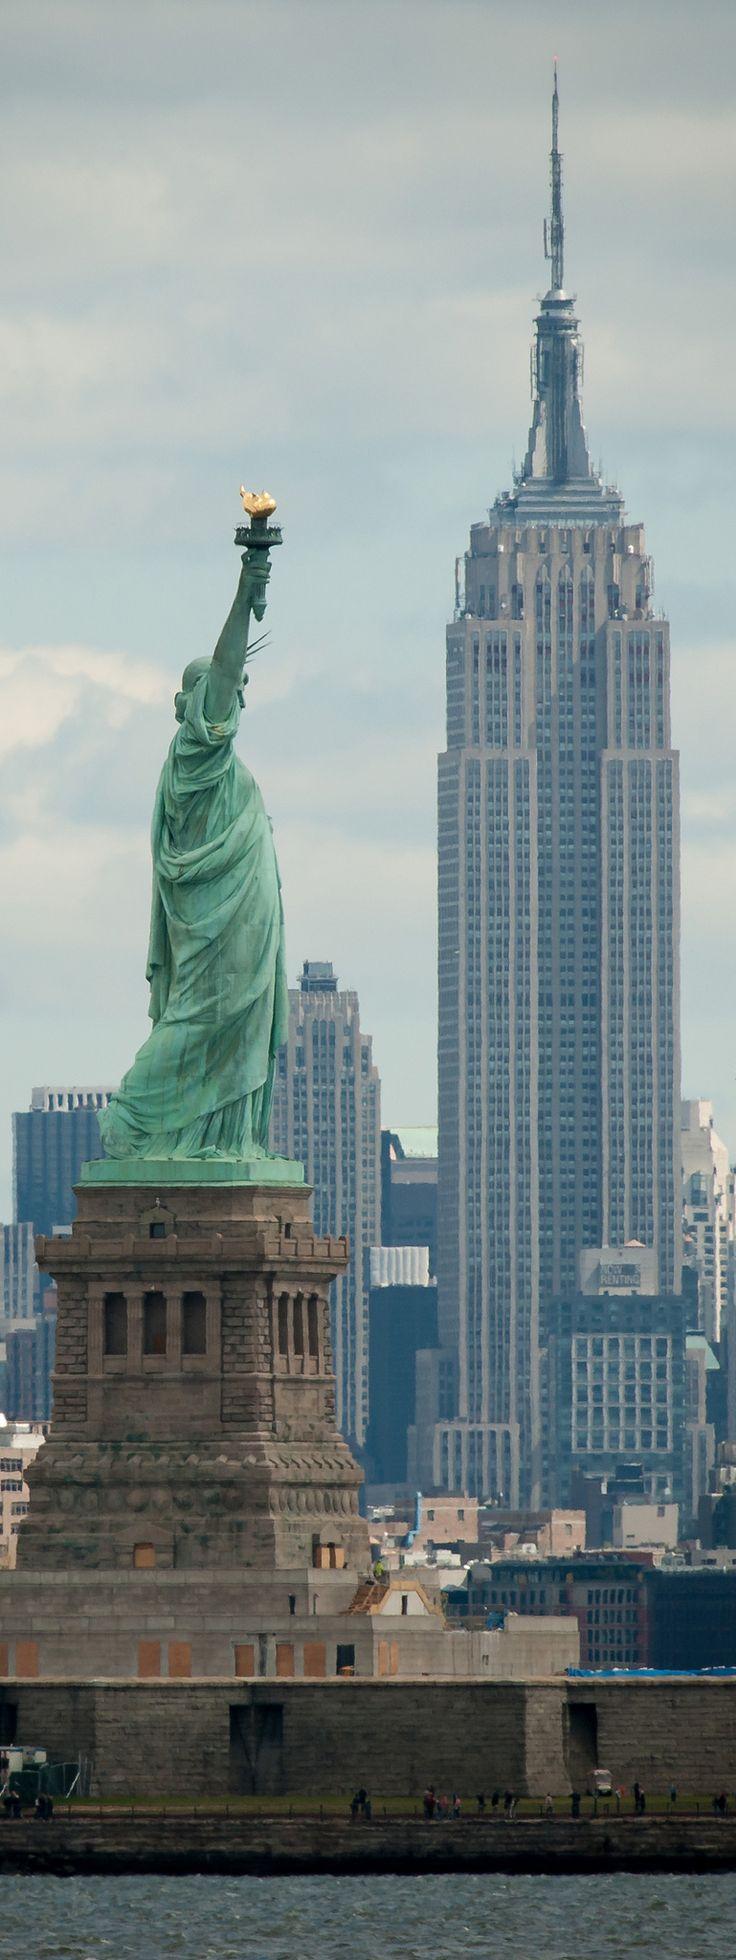 He visitado New York dos veces y me encanto